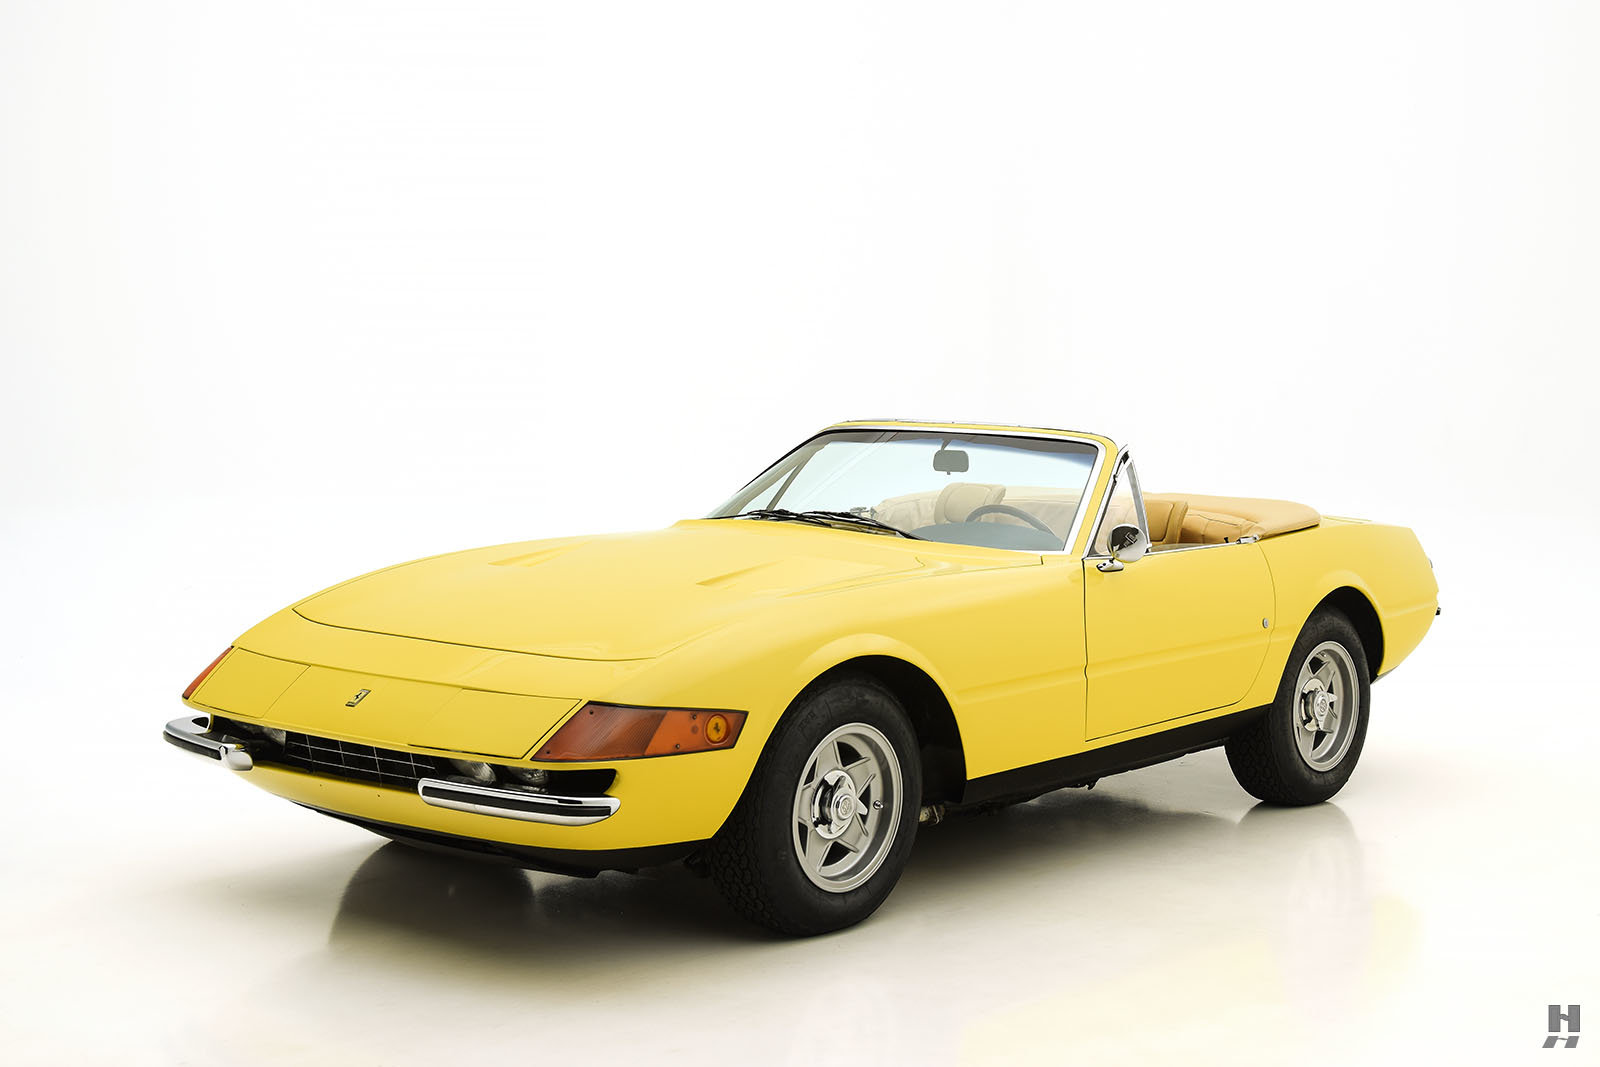 Ferrari 365 GTB/4 Daytona Spider-Conversion - 1971 For Sale (picture 1 of 6)